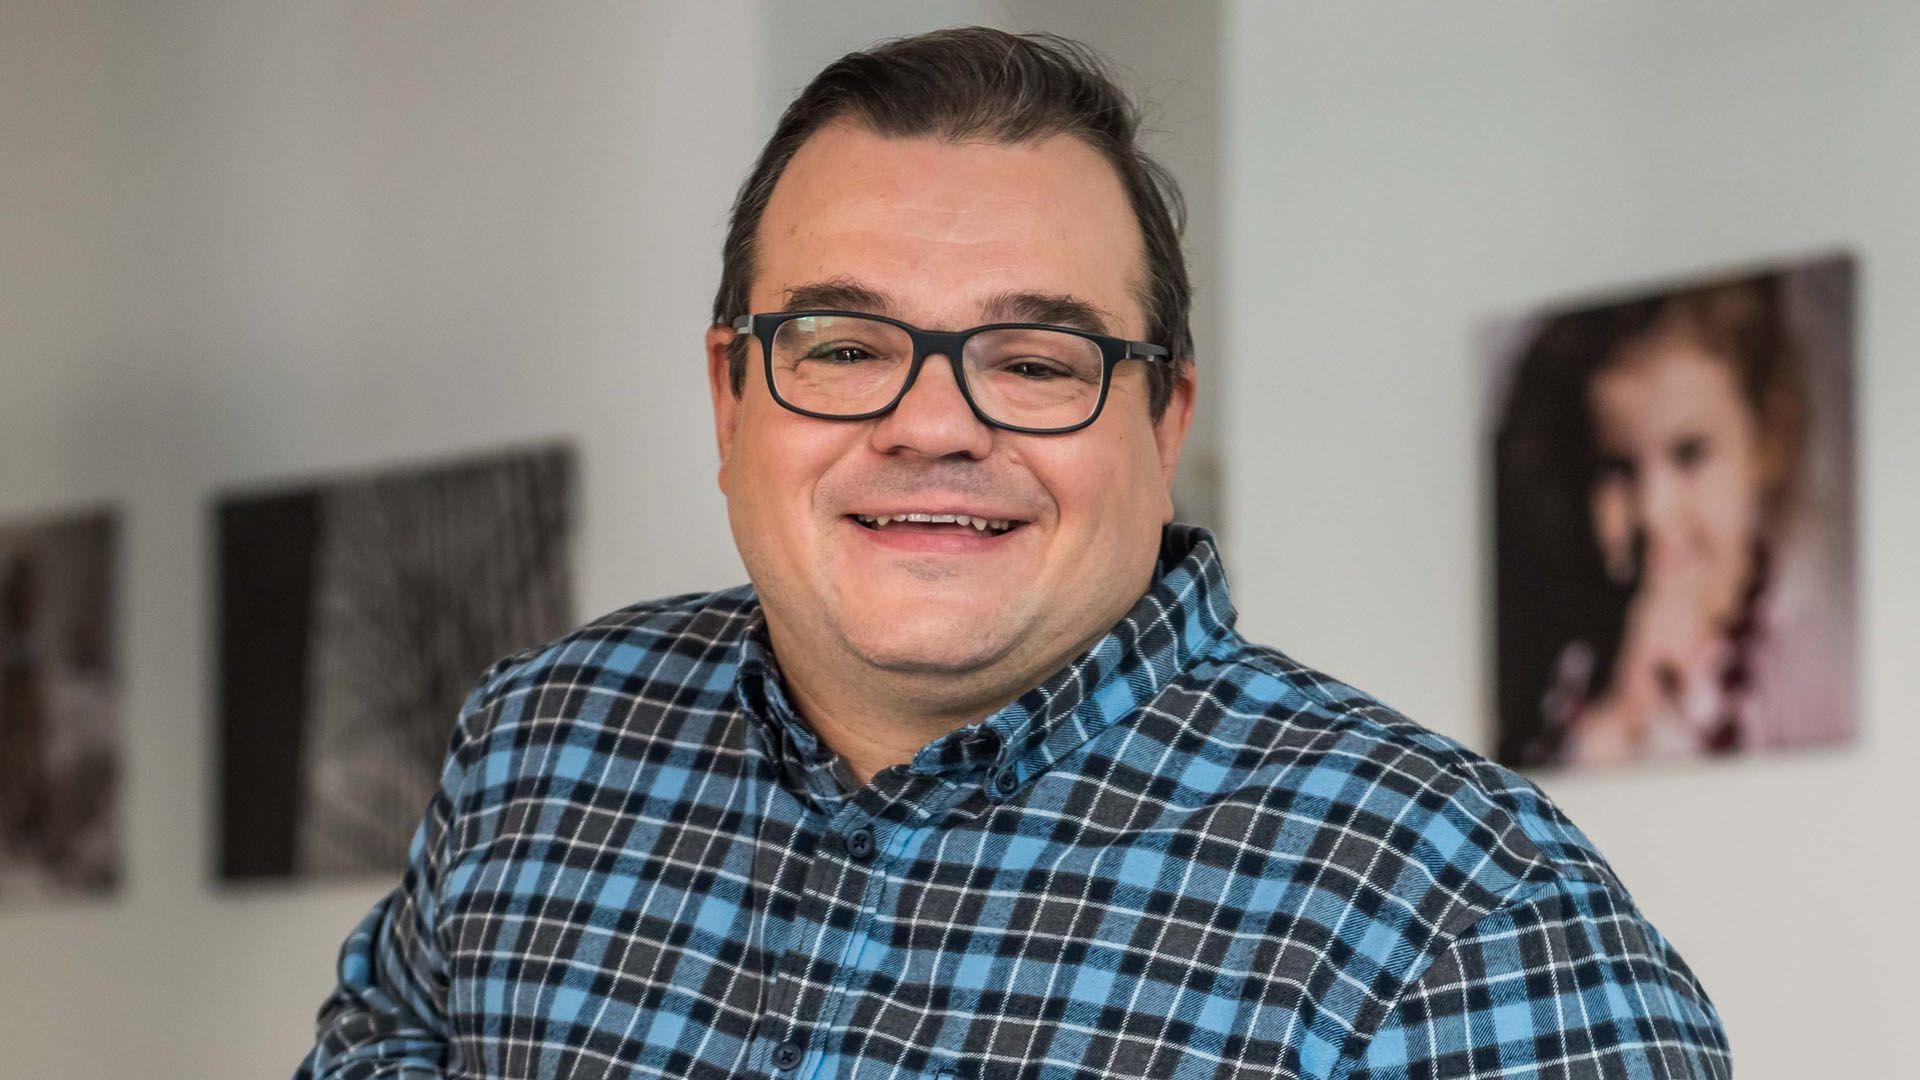 Elek Ferenc a túlsúlyról, a filmezésről és az SZFE szolidaritásról mesélt